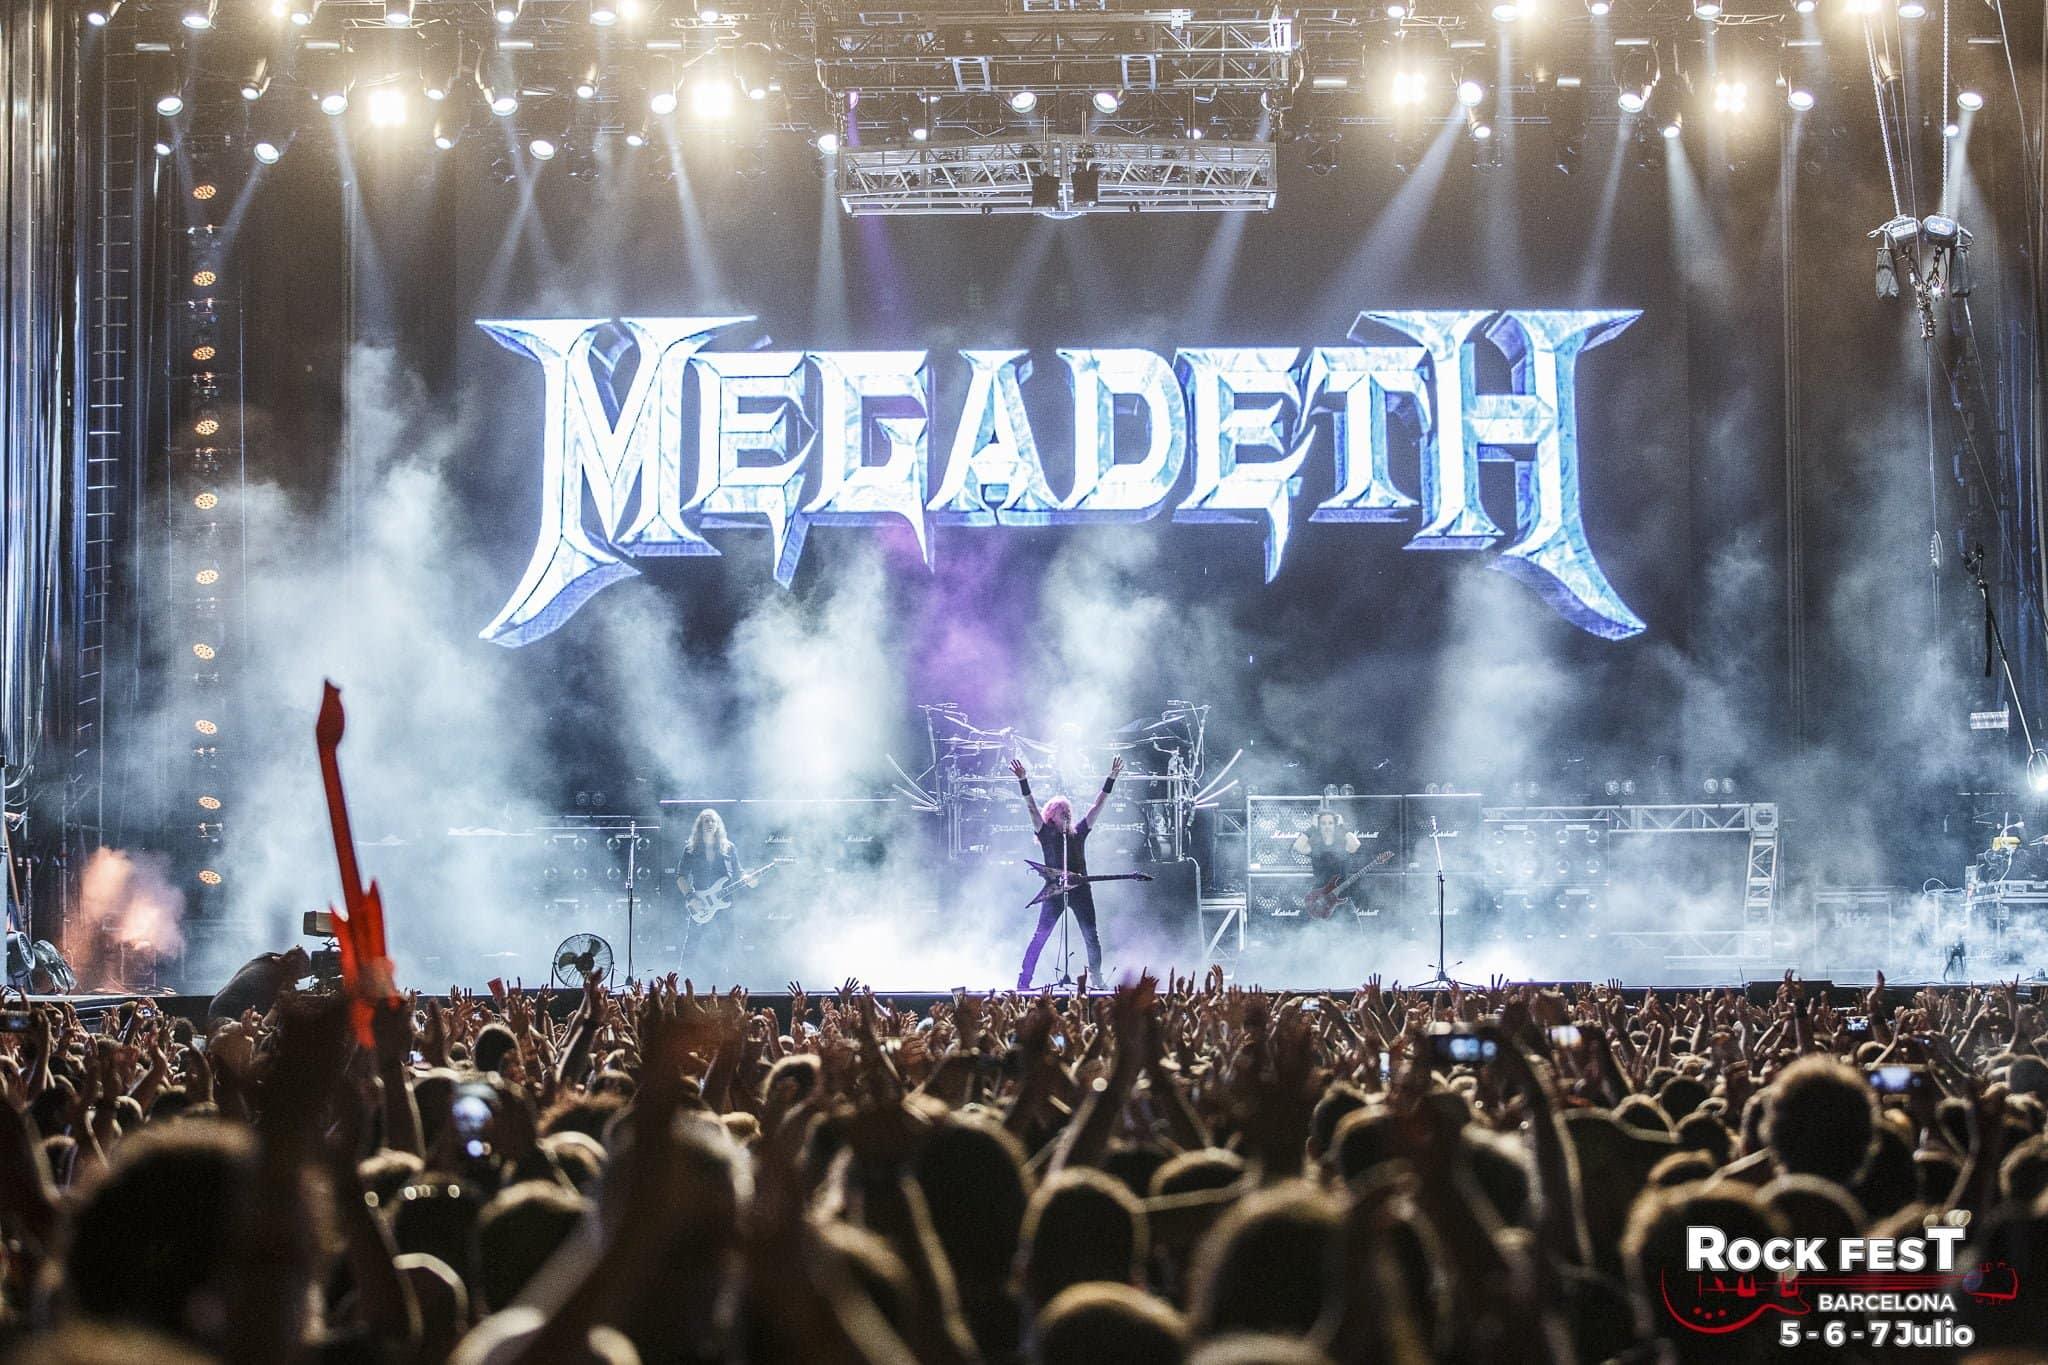 Megadeth Rock Fest Barcelona 2018